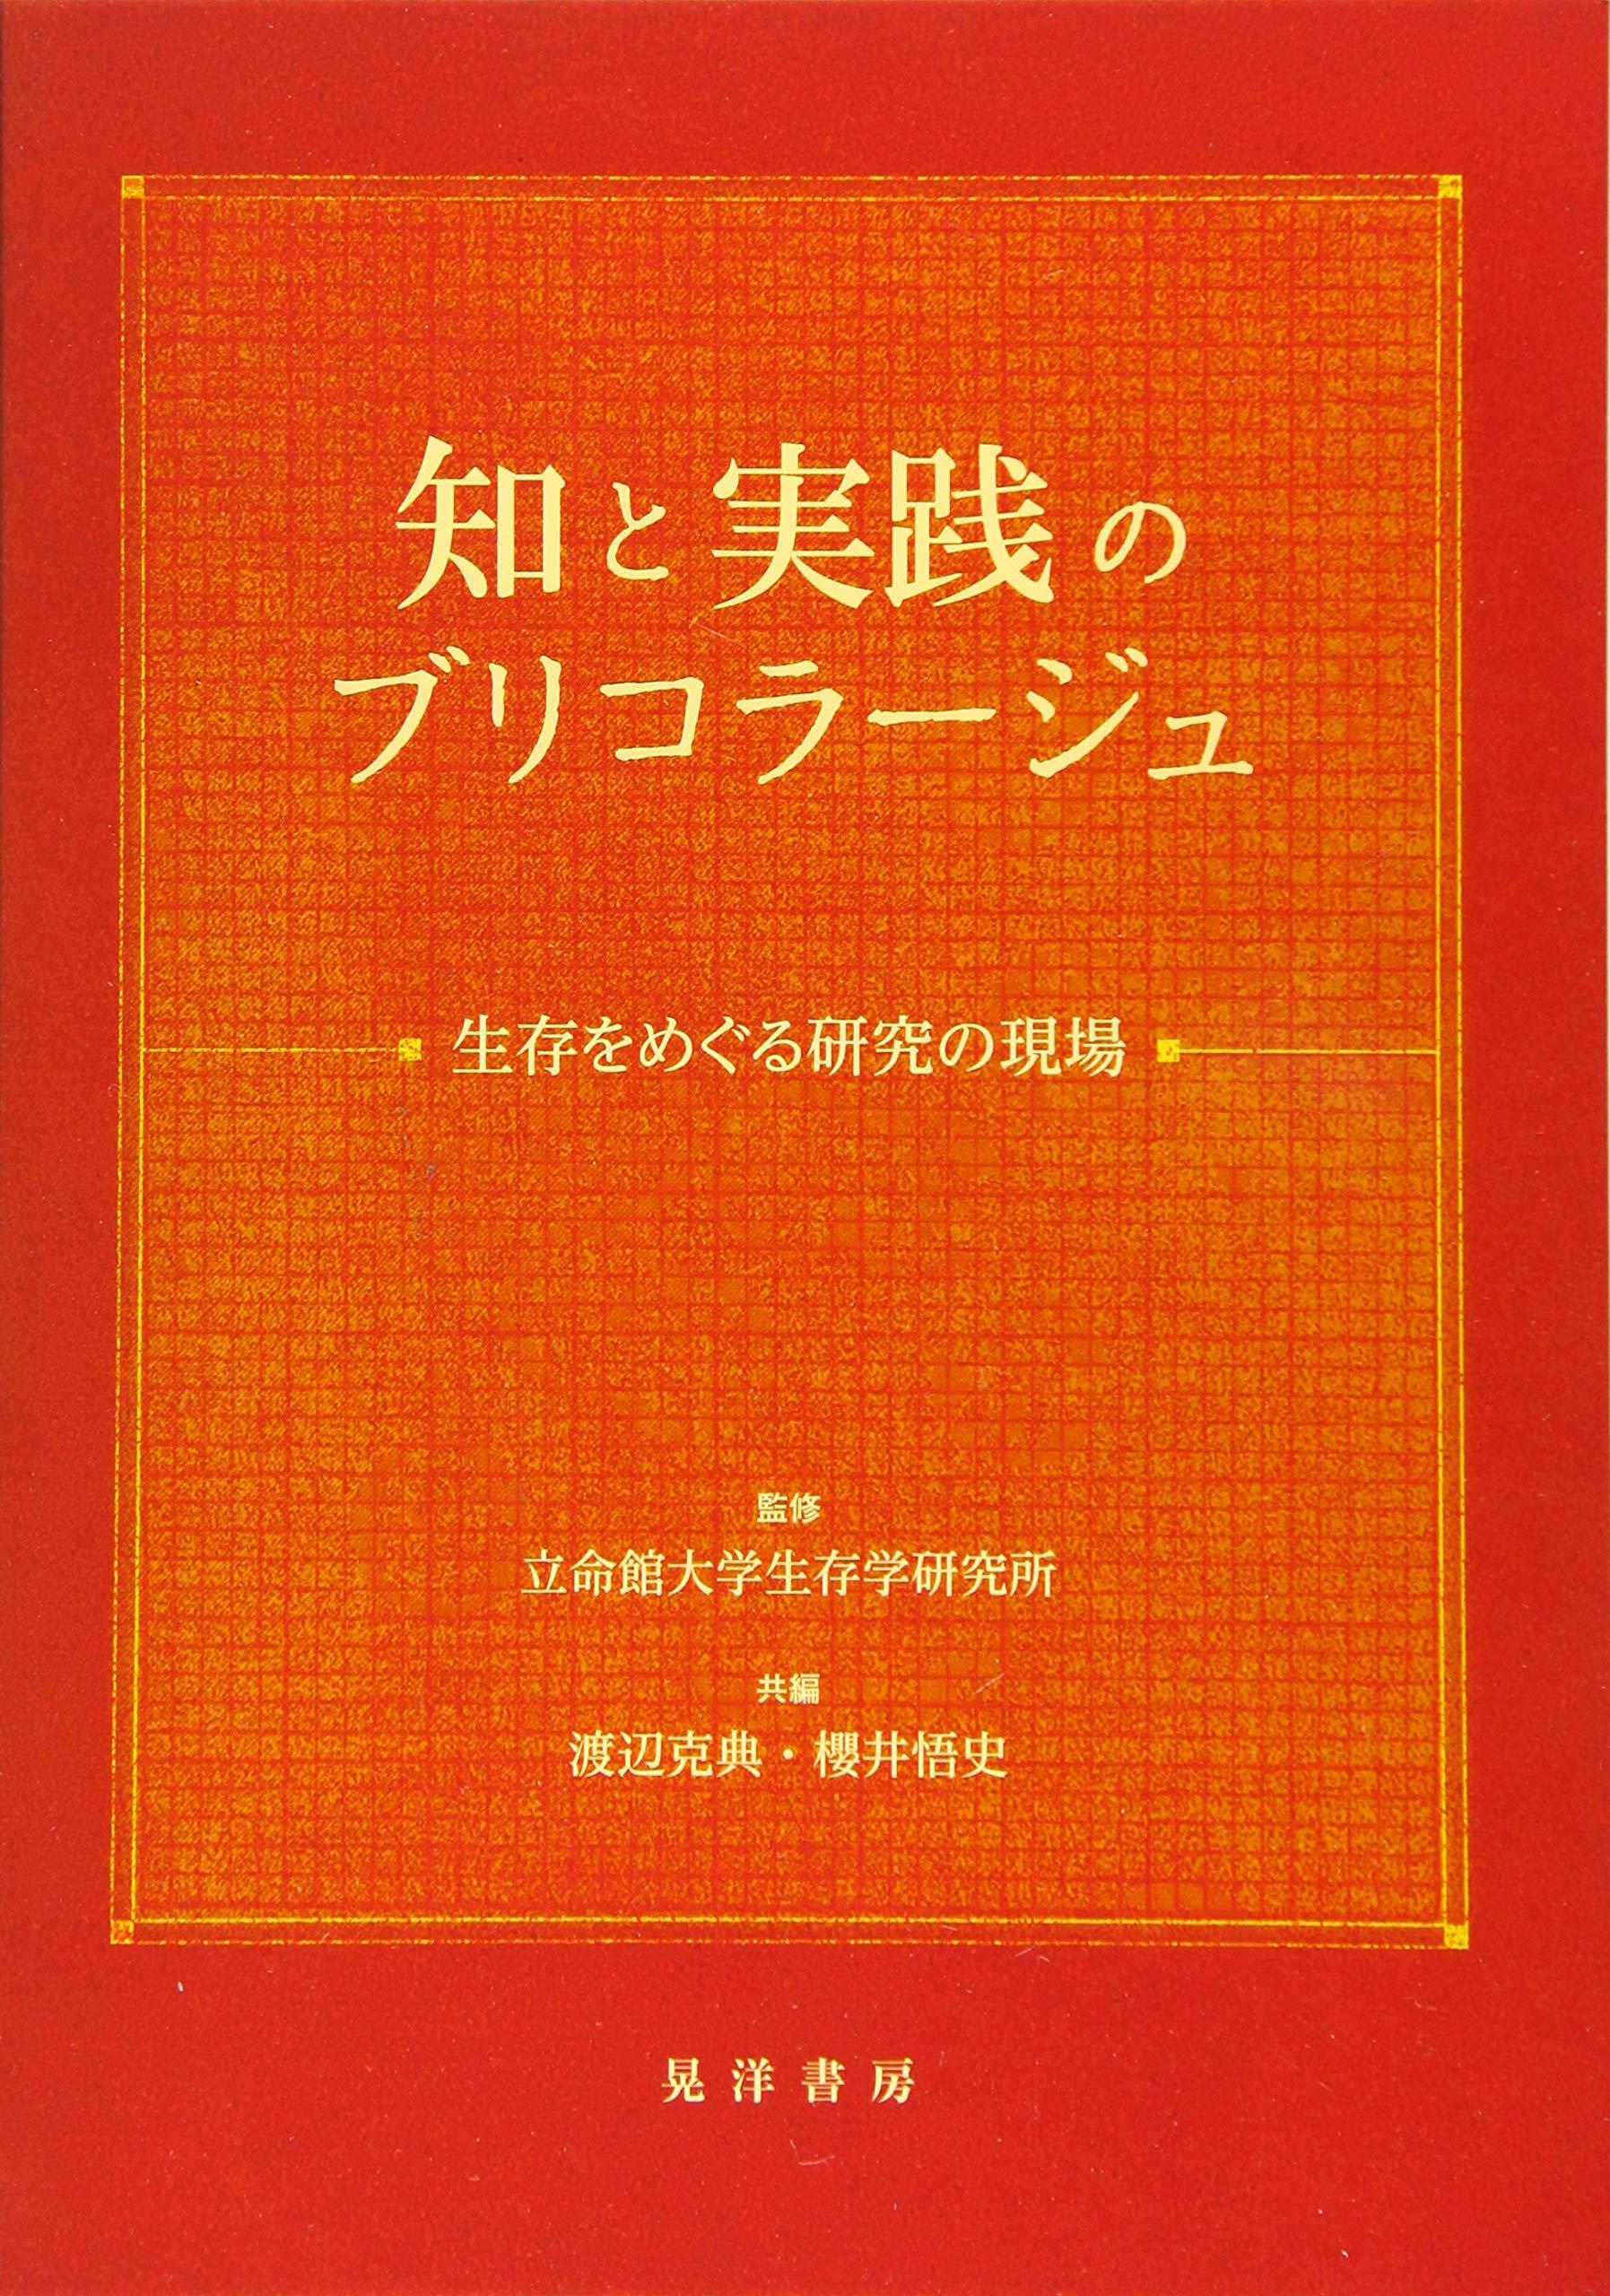 『知と実践のブリコラージュ』書影